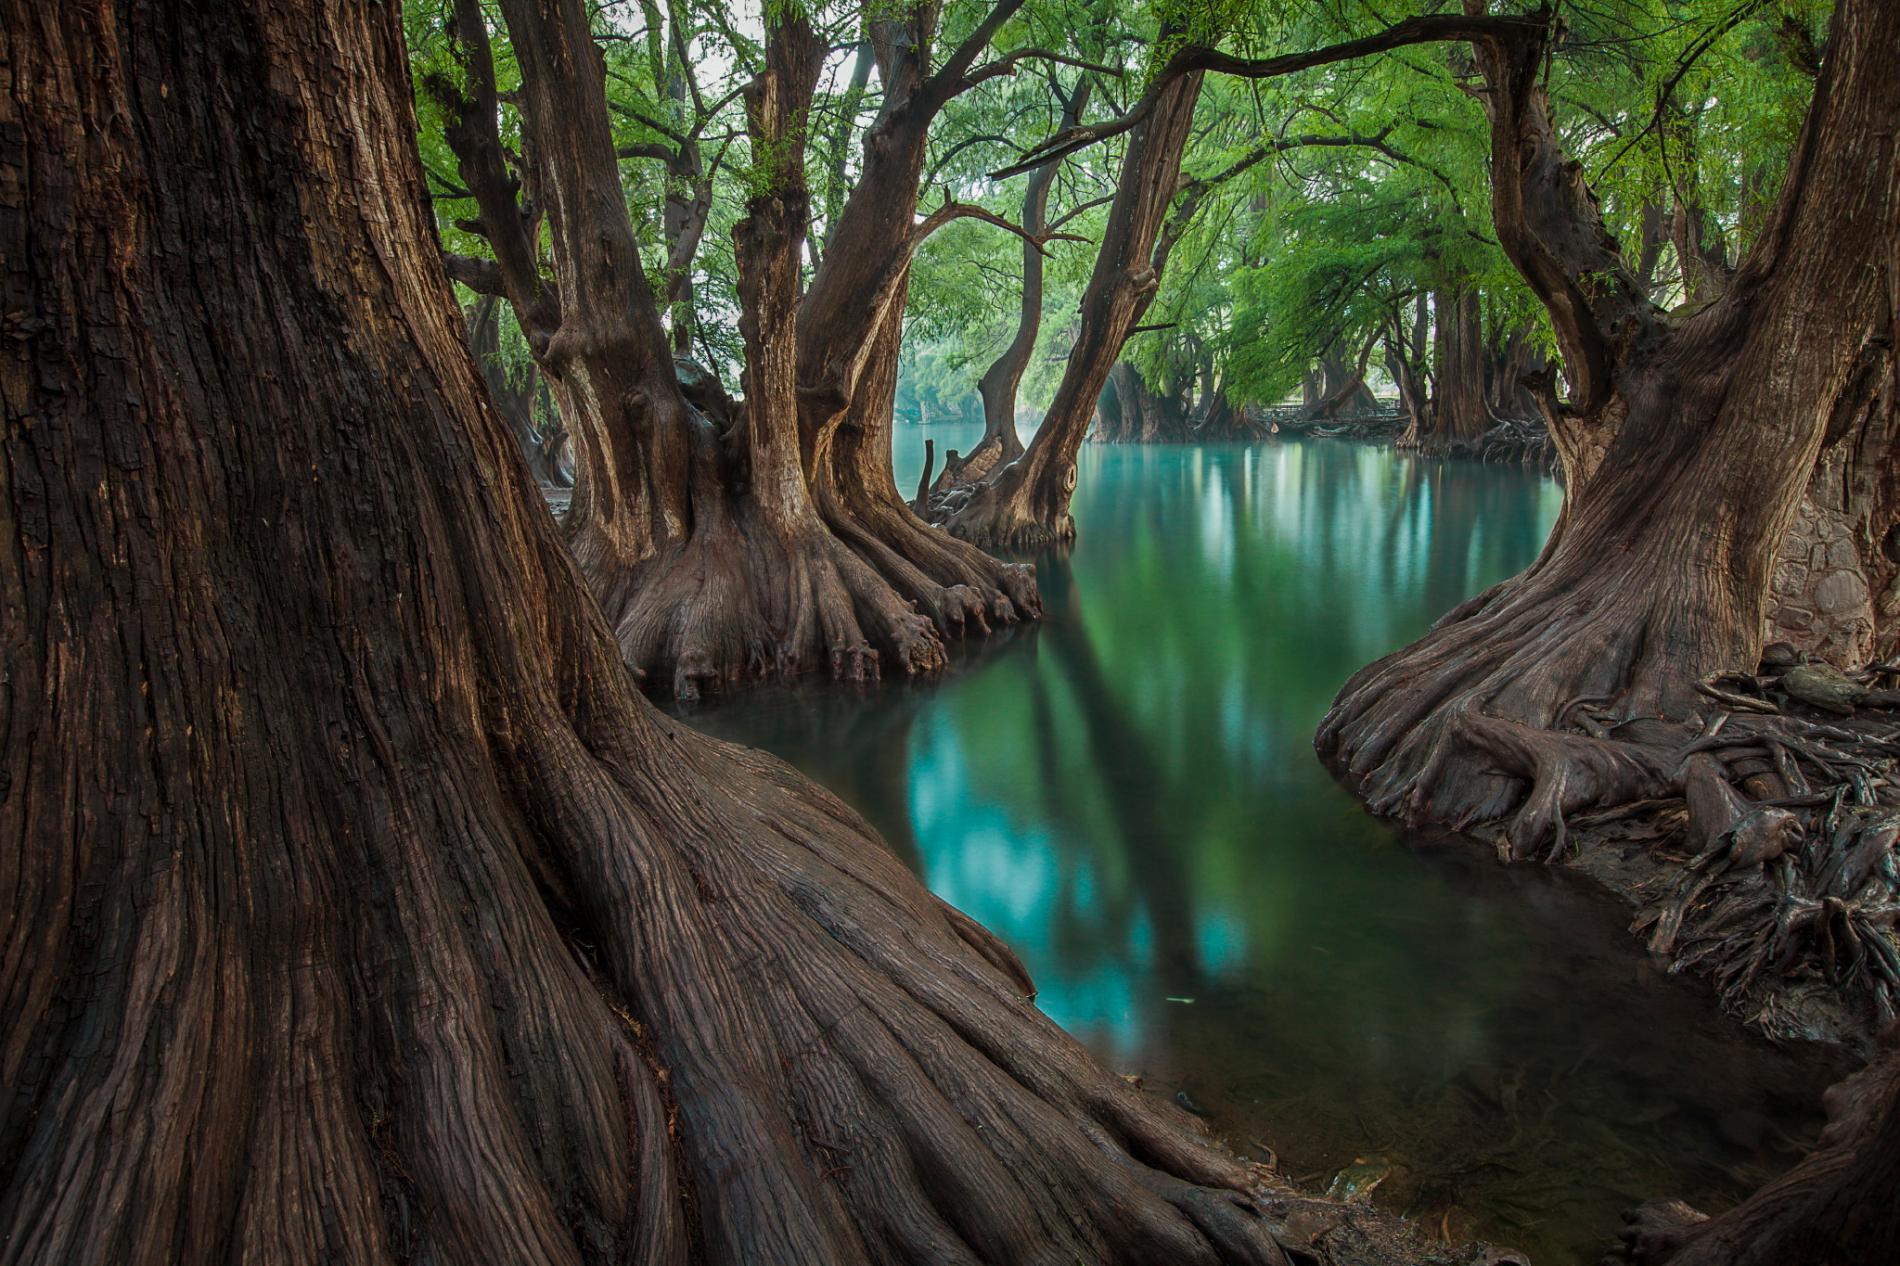 عکس طبیعت مکزیک